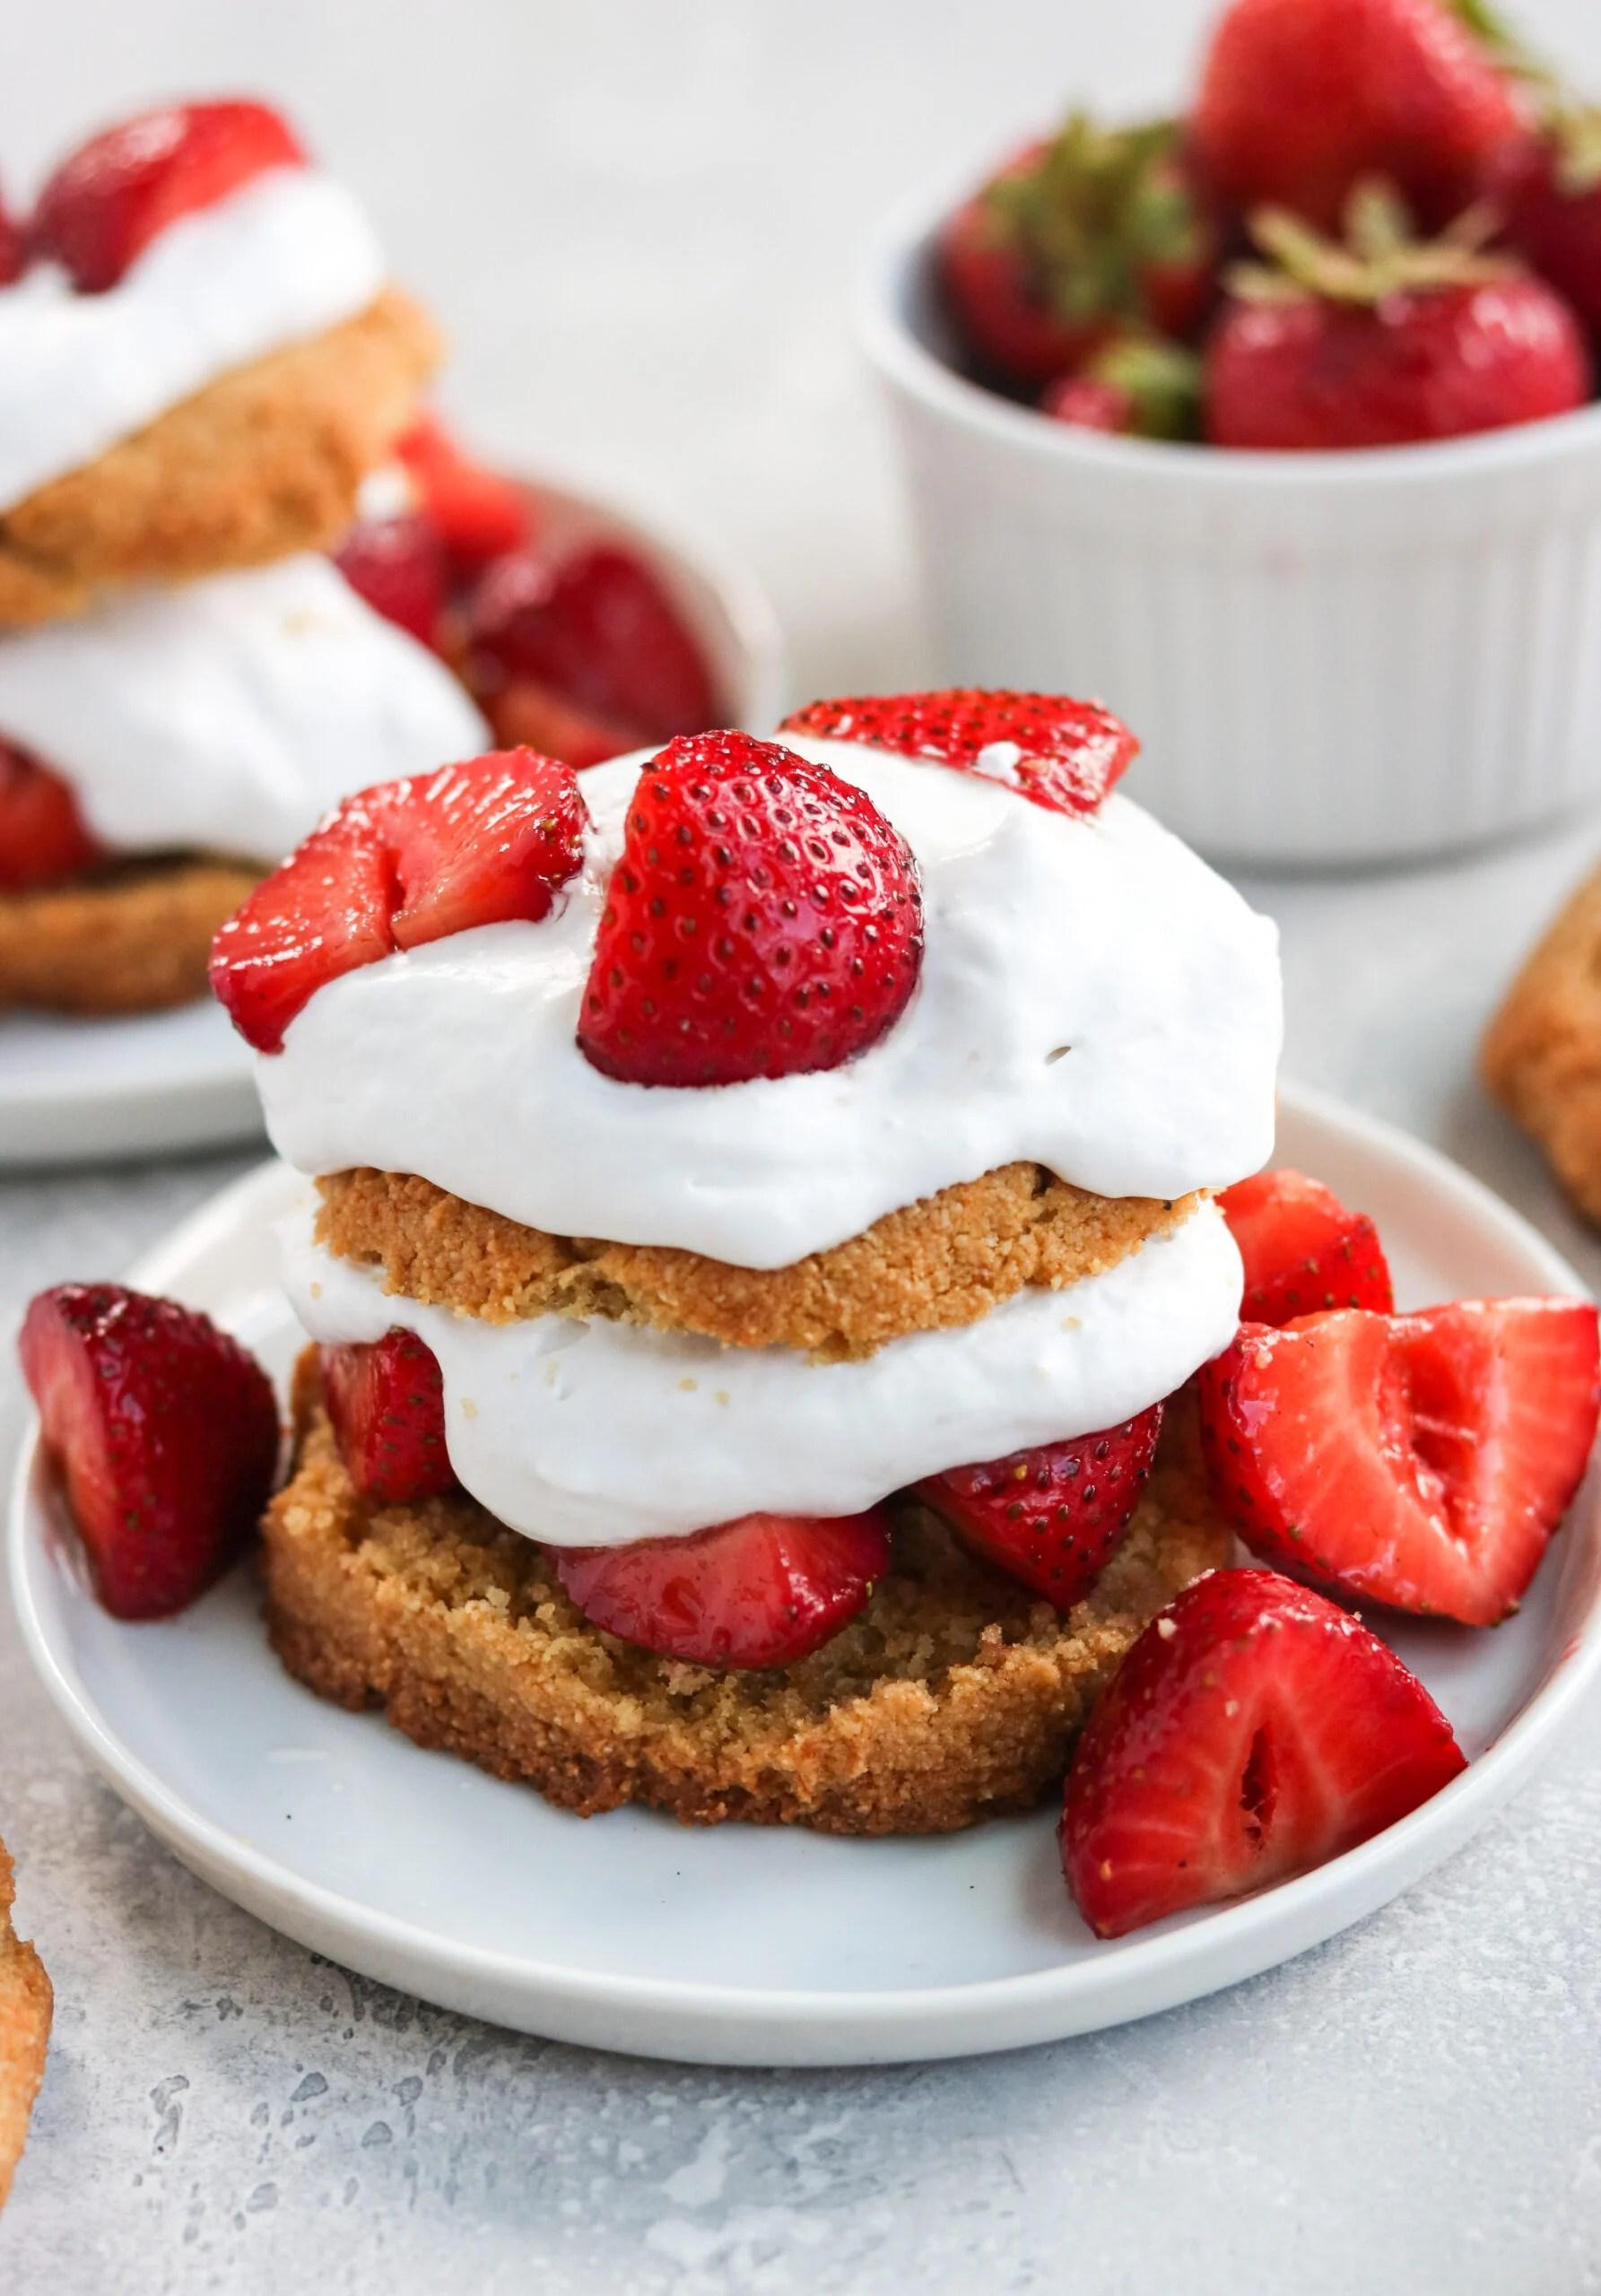 Paleo Strawberry Shortcake (Gluten Free)